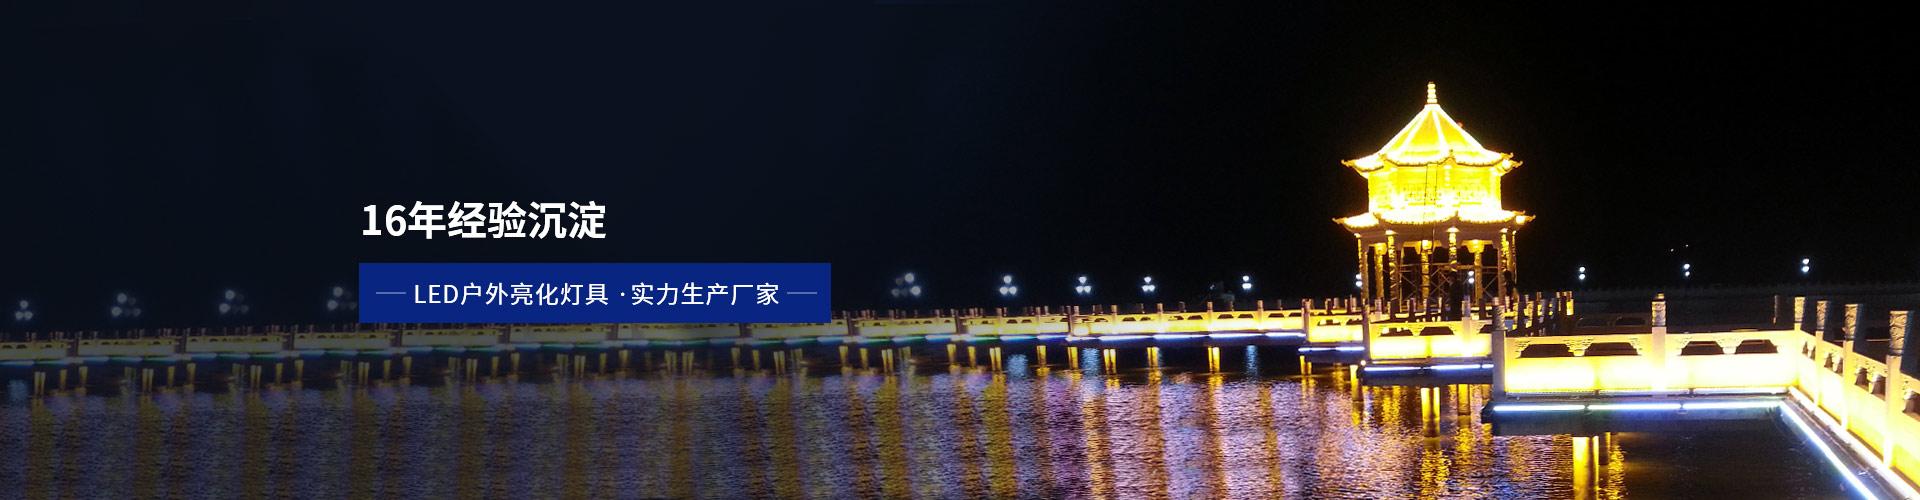 亮丽龙-16年经验沉淀,LED户外亮化灯具 ·非标定制,实力生产厂家